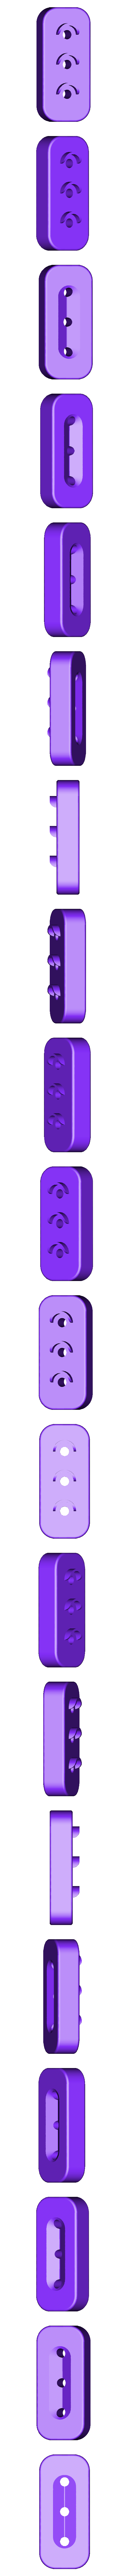 Feu1_LED_3_mm_.stl Télécharger fichier STL gratuit Feu tricolore - Feu tricolore • Modèle à imprimer en 3D, jeek25